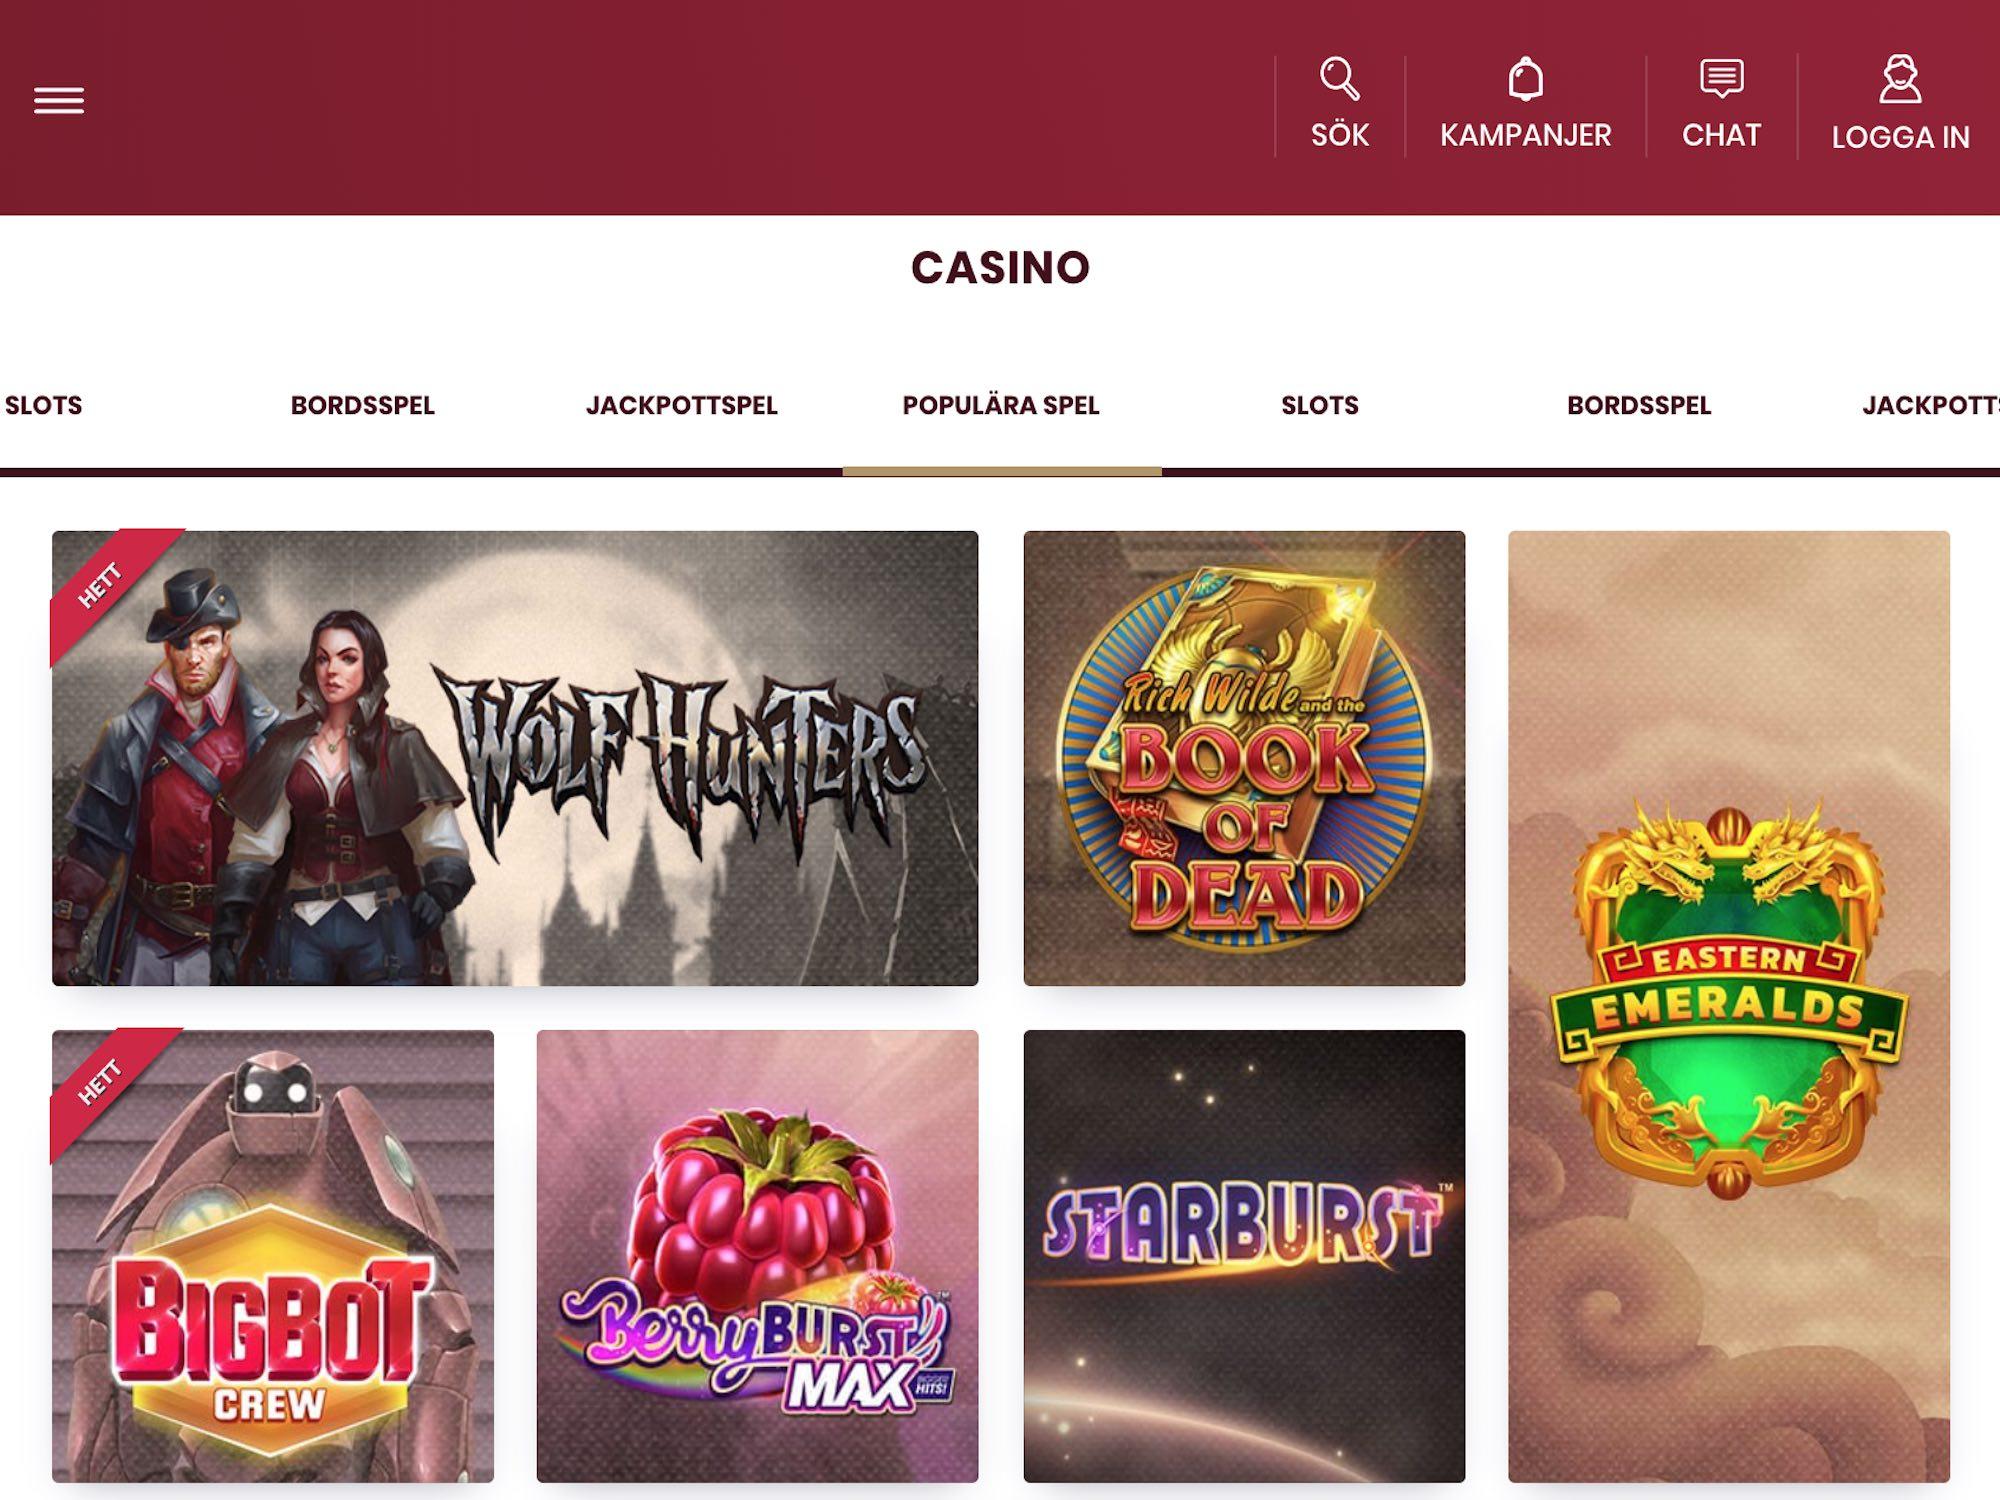 Återbetalning spelbolag cherry casino Powermann